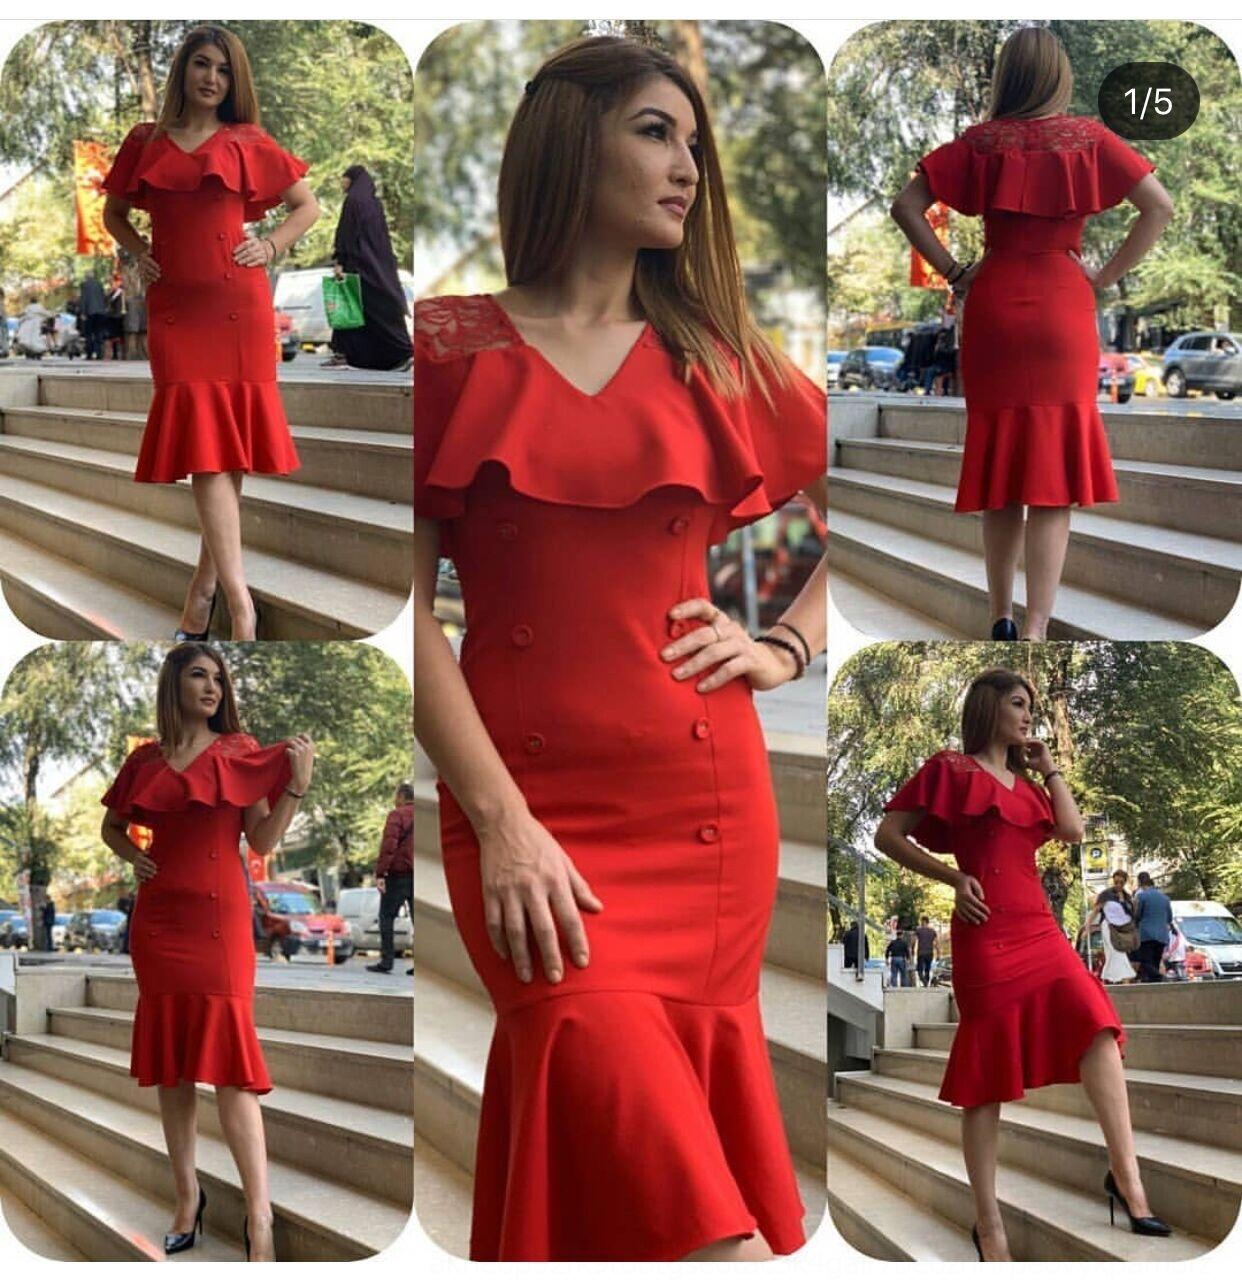 dvbIa oPgNQ Фиштейл новых женщин вечера юбка 2020 юбка вокруг шеи сплошной цвет листьев лотоса рукав рыбьего хвоста платье банкет вечернее платье платье